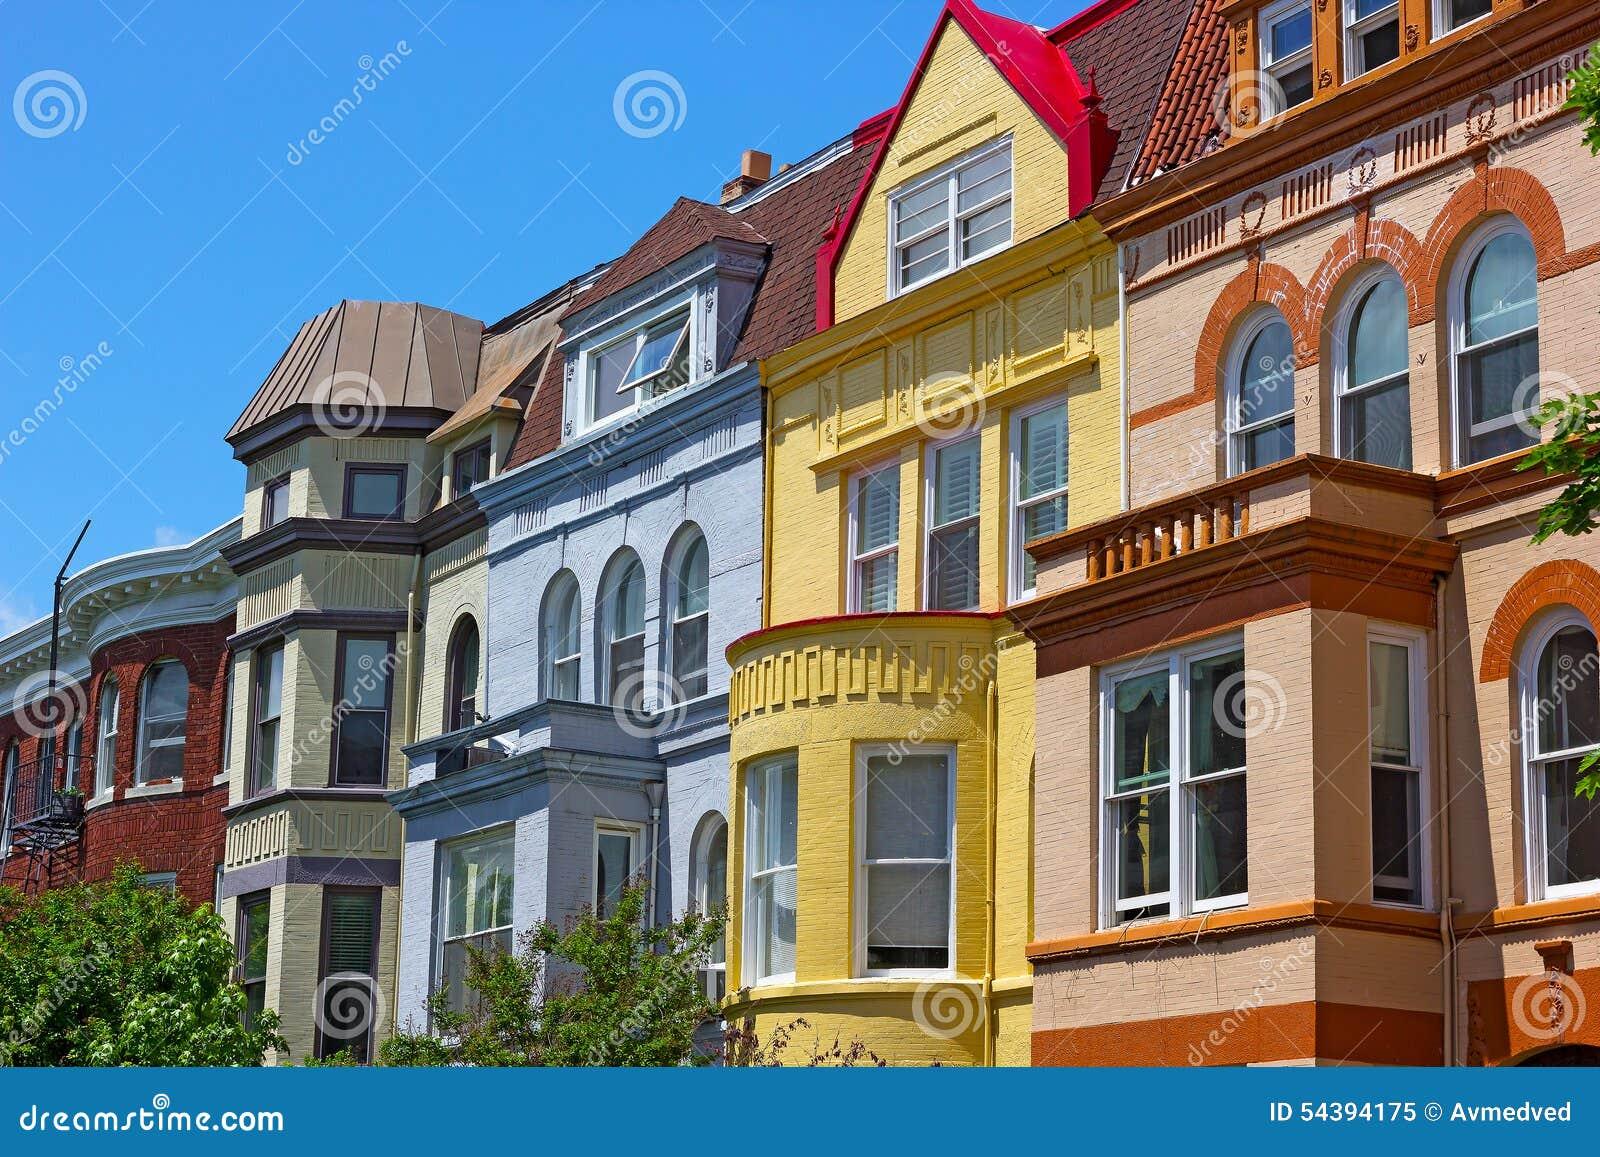 Case urbane di lusso del washington dc u s a immagine for Planimetrie urbane di case a schiera